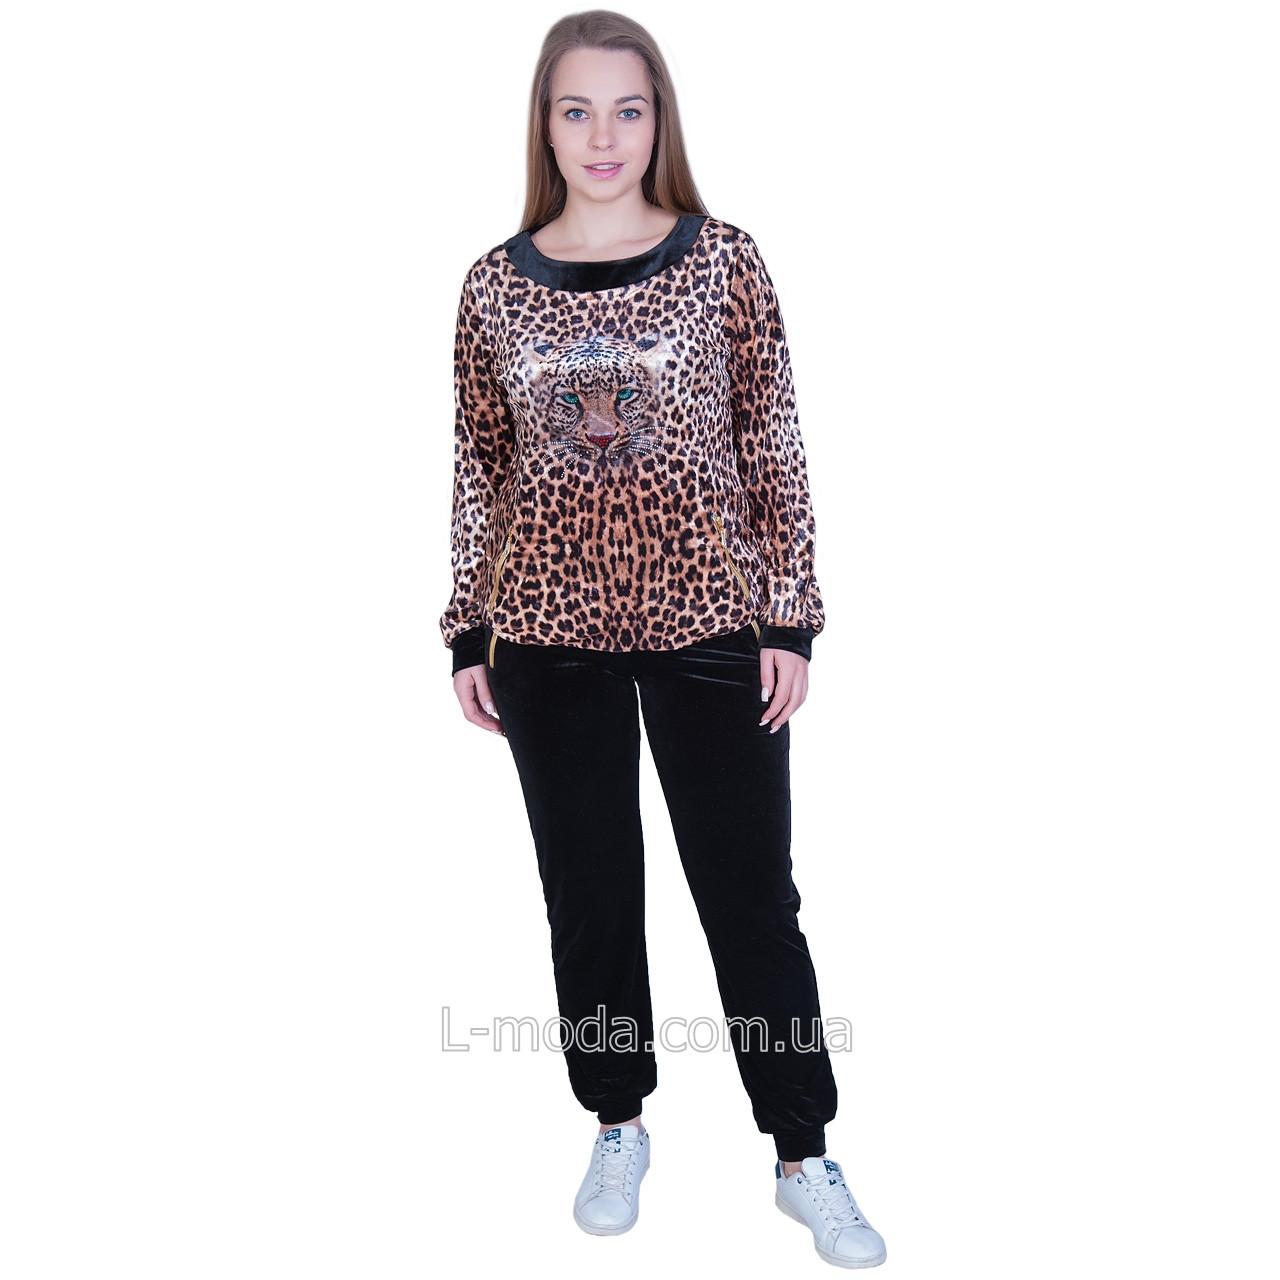 Спортивный костюм женский велюровый леопард